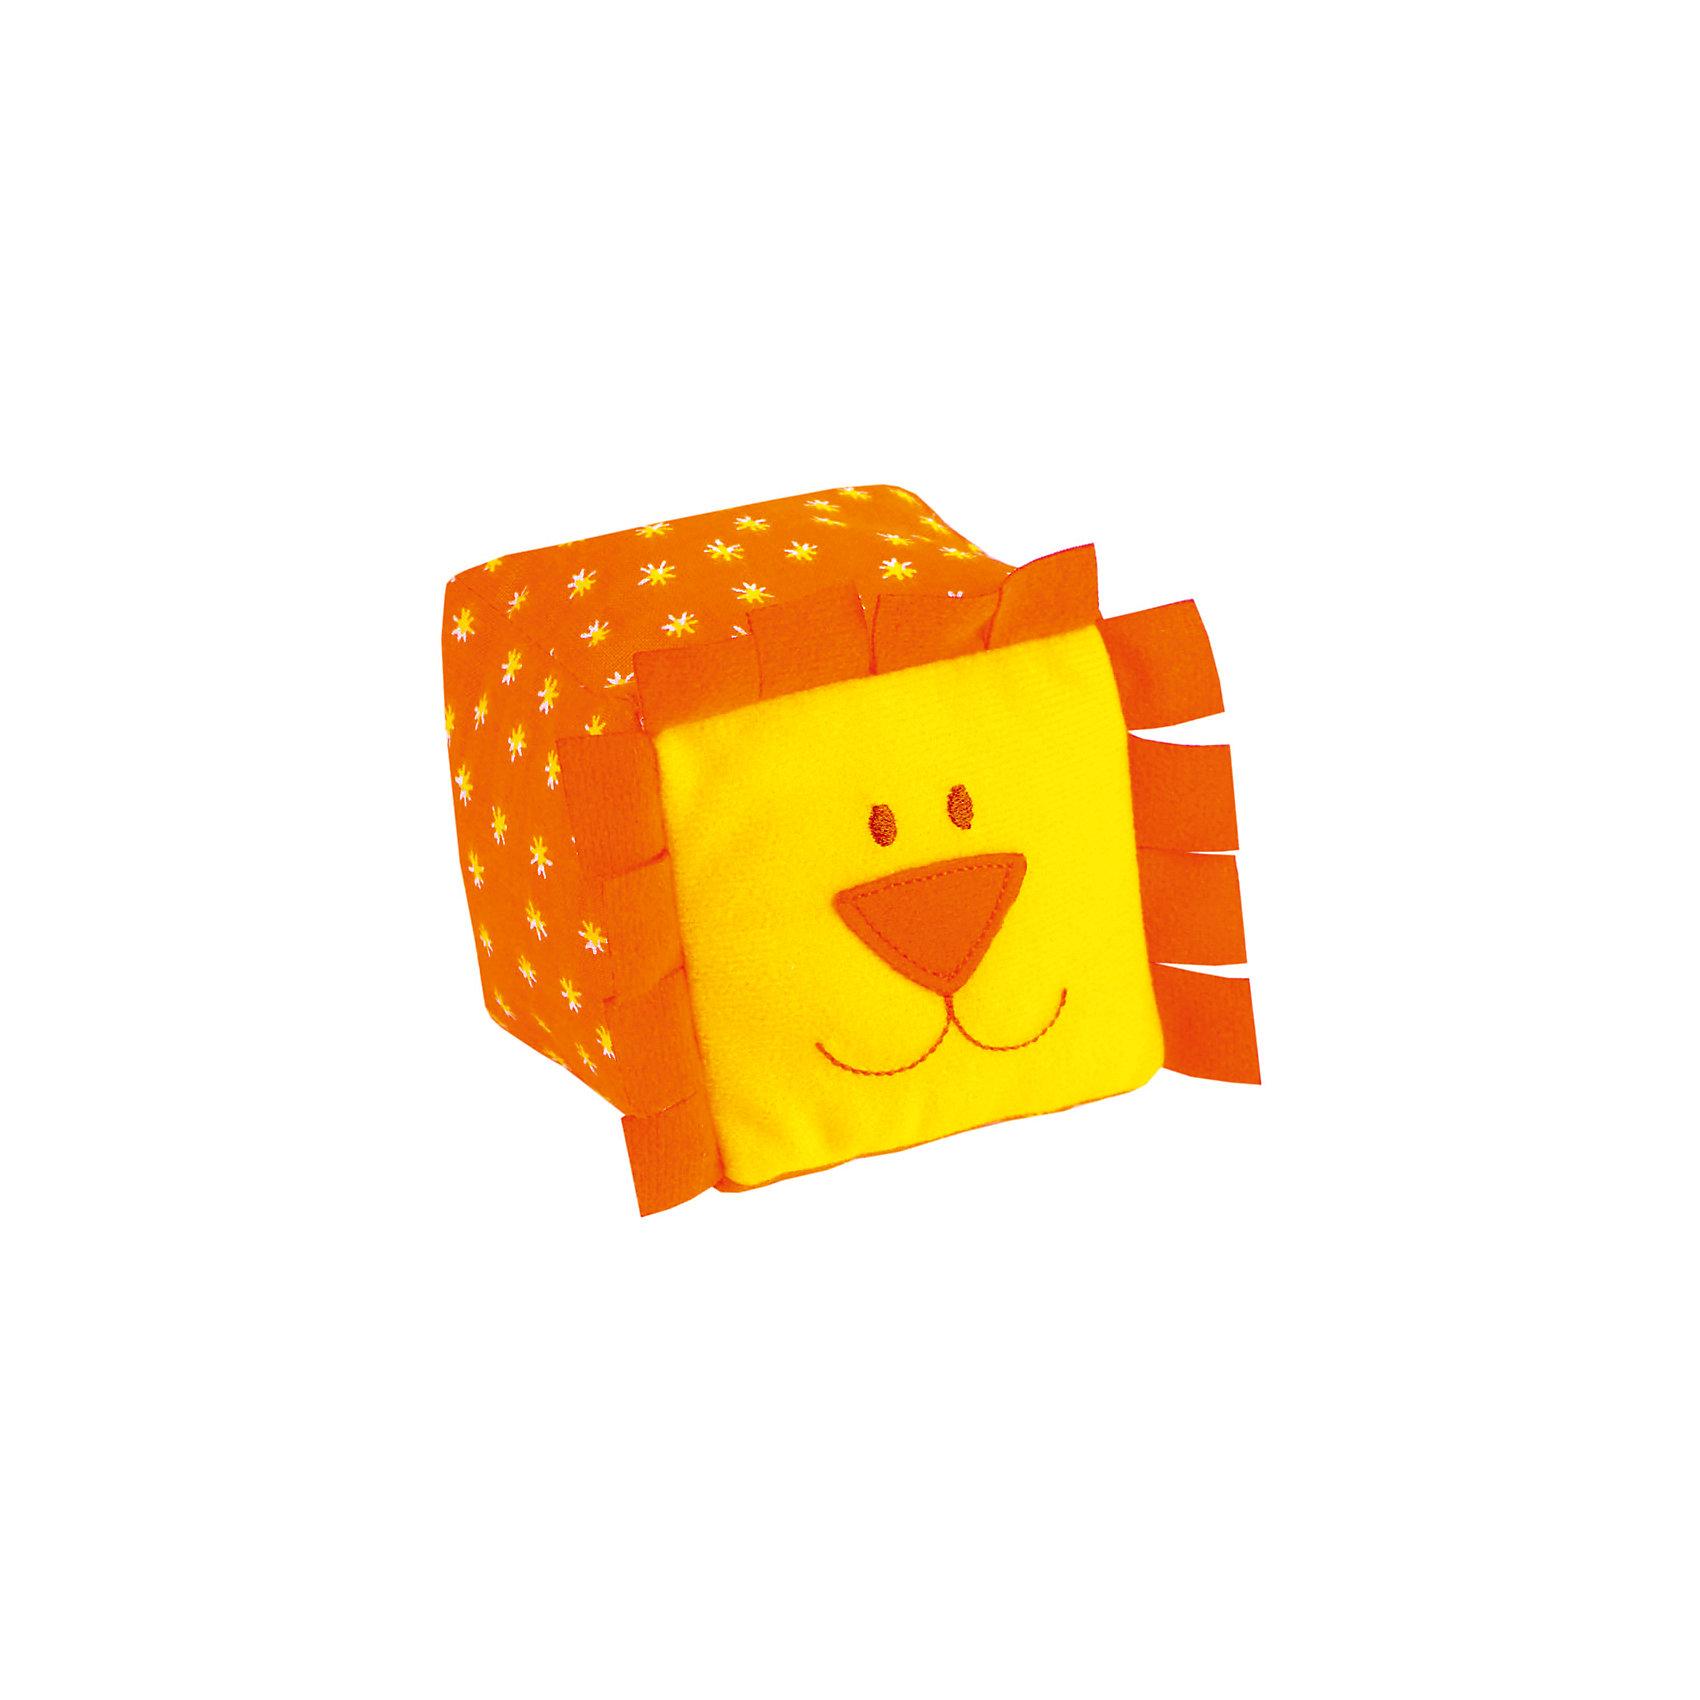 Мякиши Кубики ЗооМякиши Львенок, Мякиши развивающие игрушки мякиши кубики 2 шт